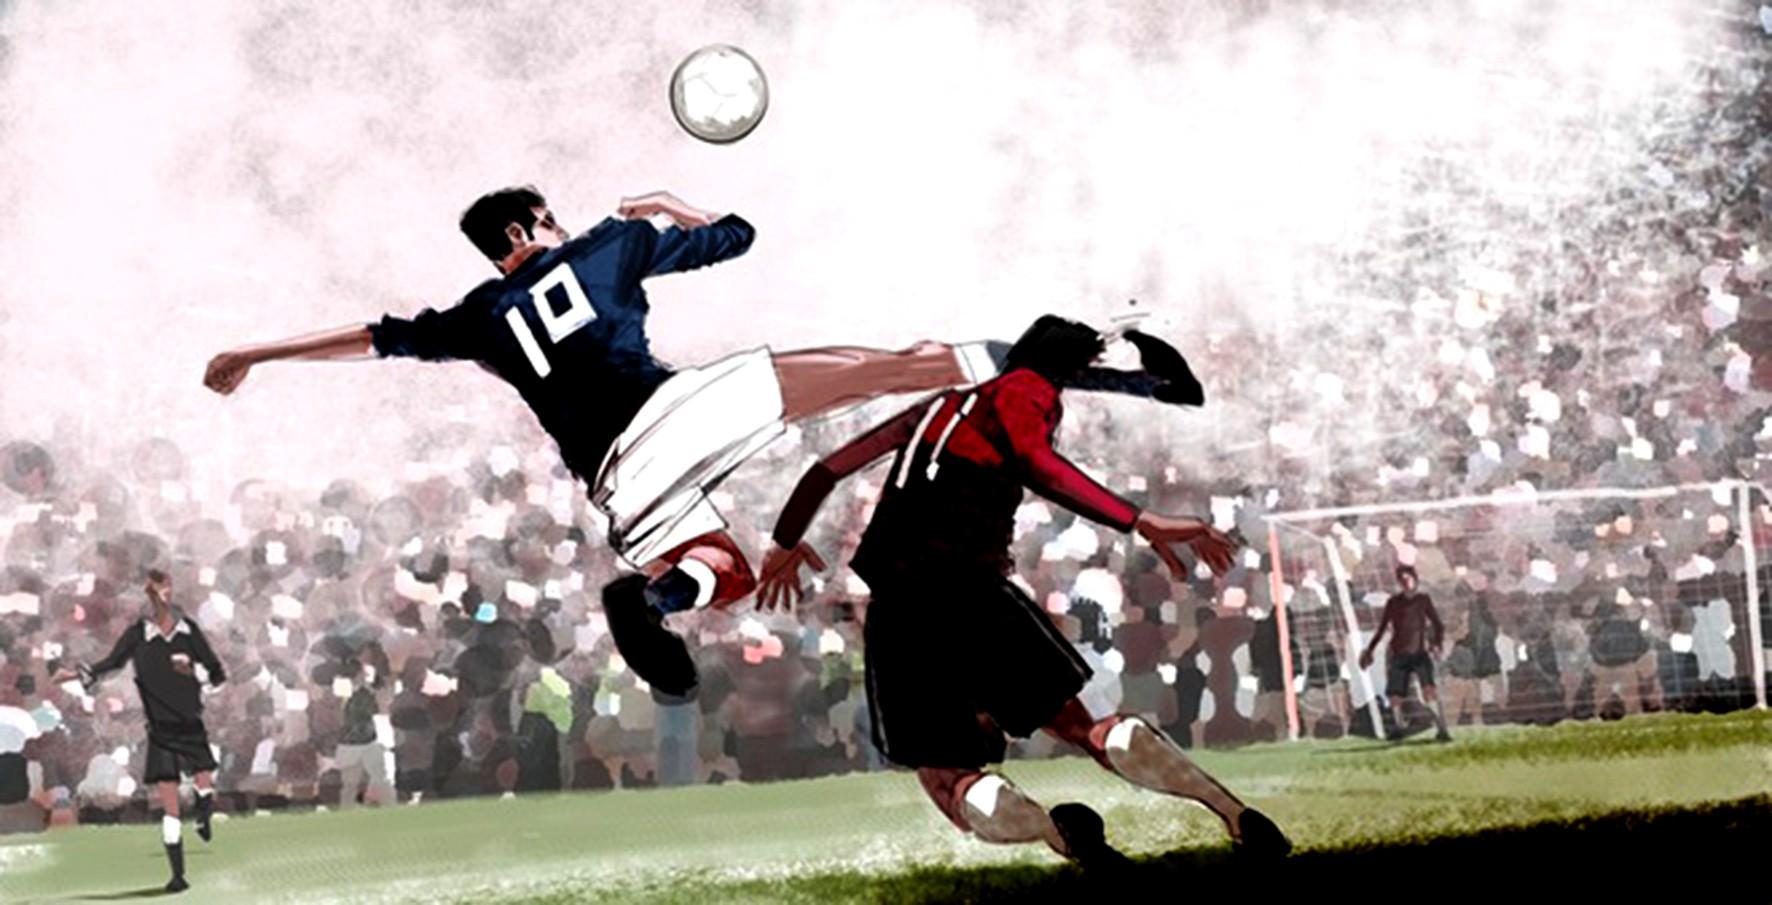 World Cup 1962: Từ động đất kinh hoàng đến trận đấu bạo lực nhất - Ảnh 6.